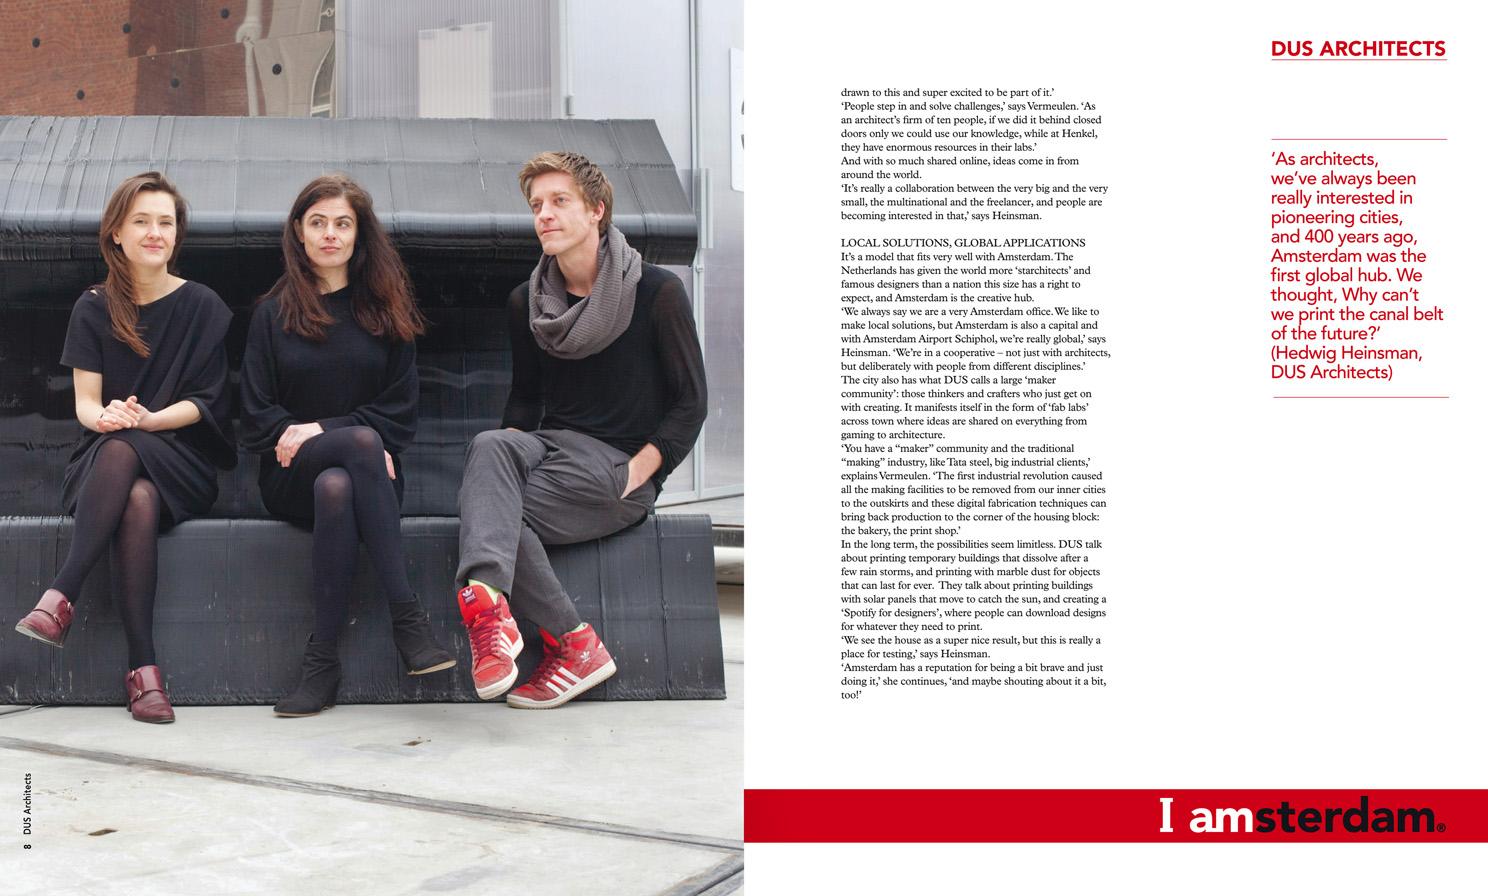 DUS Architects, I AMSTERDAM